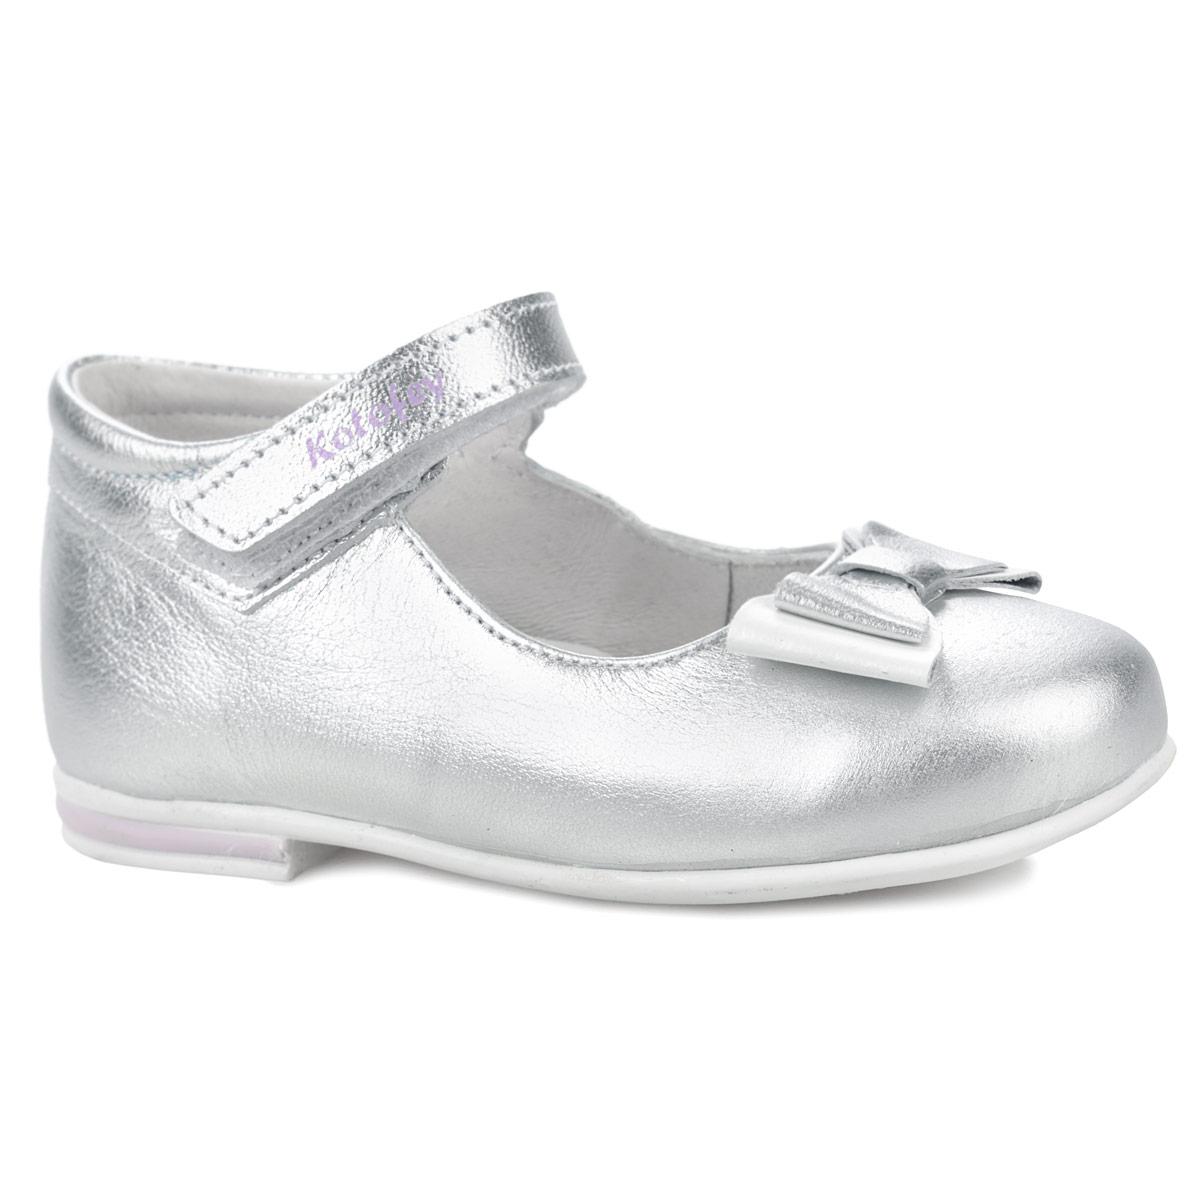 Туфли для девочки. 232054-21232054-21Прелестные туфли от Котофей очаруют вашу дочурку с первого взгляда! Модель выполнена из натуральной кожи и декорирована на ремешке названием бренда, на мысе -двойным бантиком. Ремешок на застежке-липучке гарантирует надежную фиксацию обуви на ноге. Съемная стелька EVA с поверхностью из натуральной кожи дополнена супинатором, который обеспечивает правильное положение ноги ребенка при ходьбе, предотвращает плоскостопие. Рифленая поверхность каблука и подошвы защищает изделие от скольжения. Удобные туфли - незаменимая вещь в гардеробе каждой девочки.